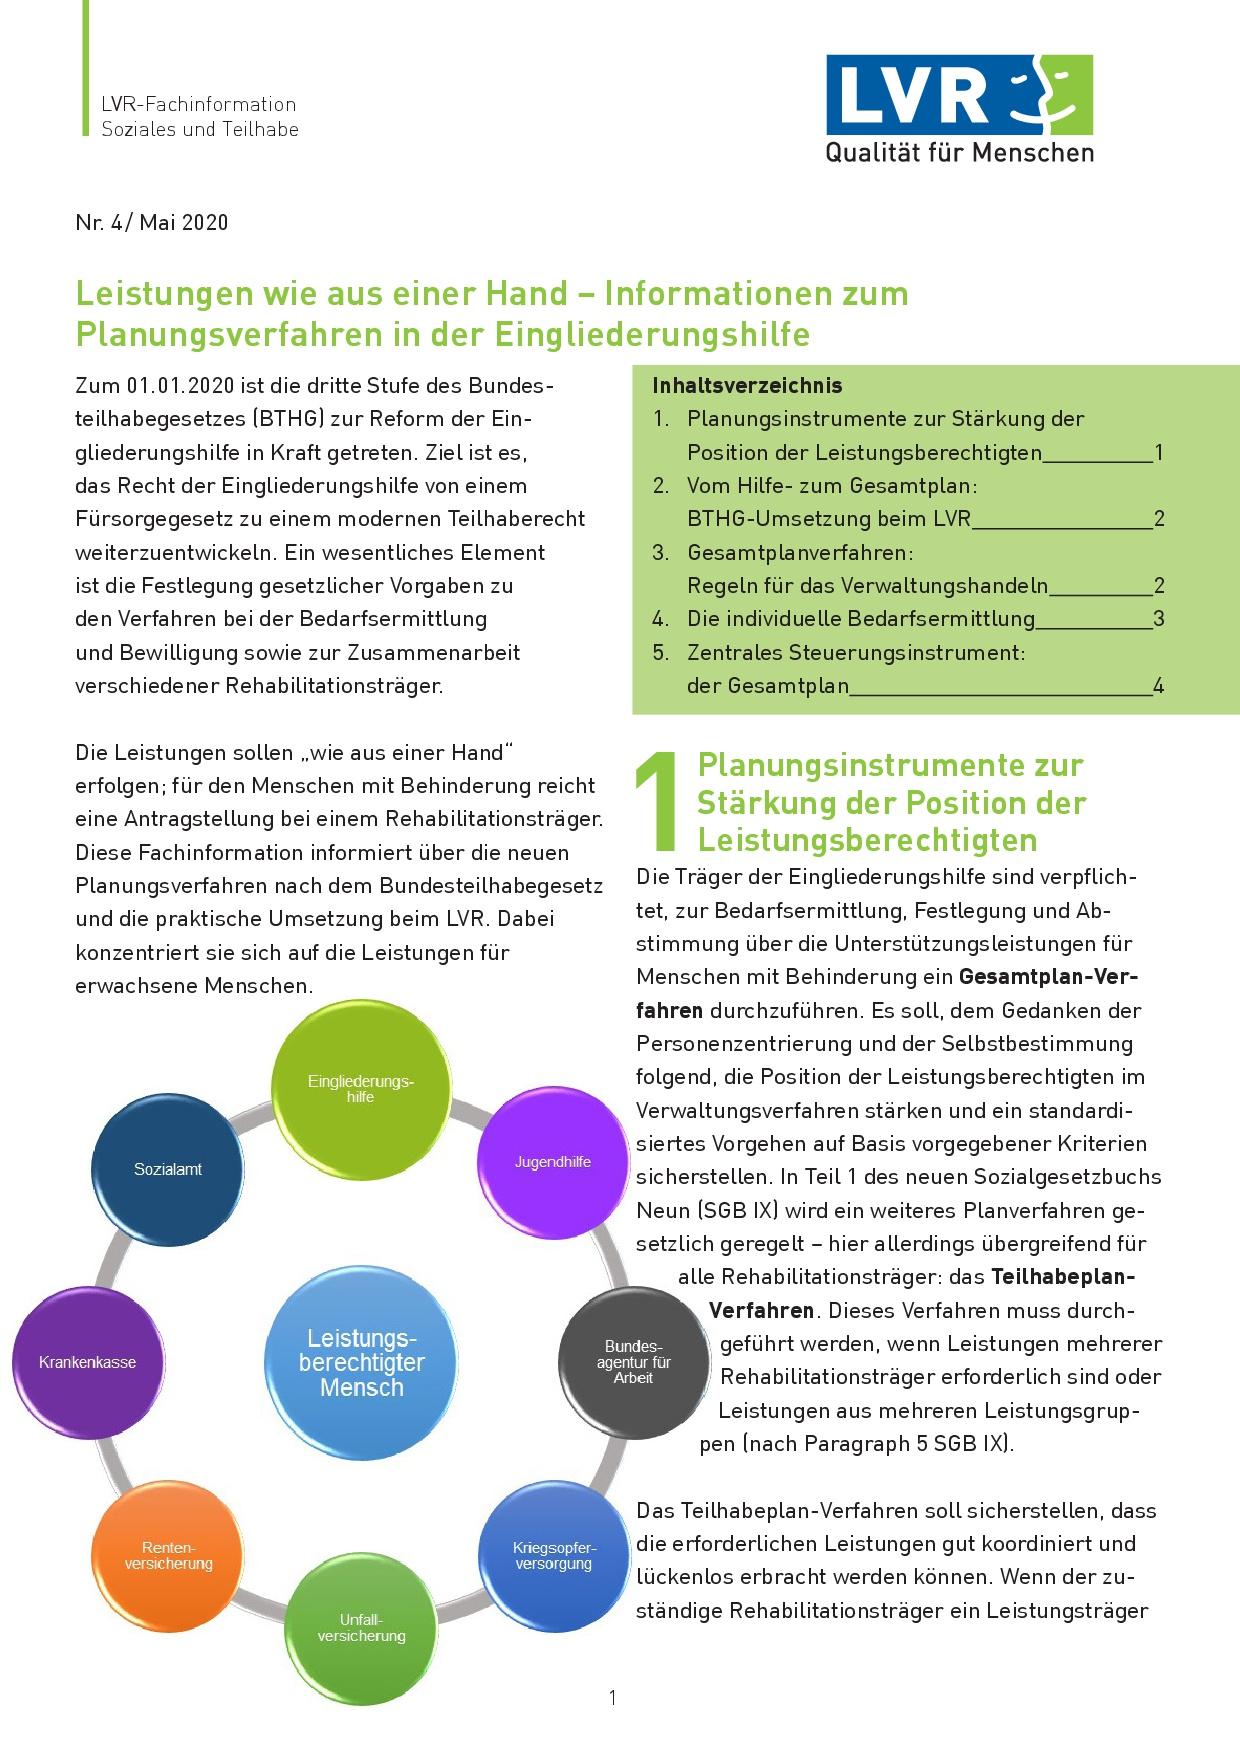 LVR-Fachinformation: Gesamtplanverfahren